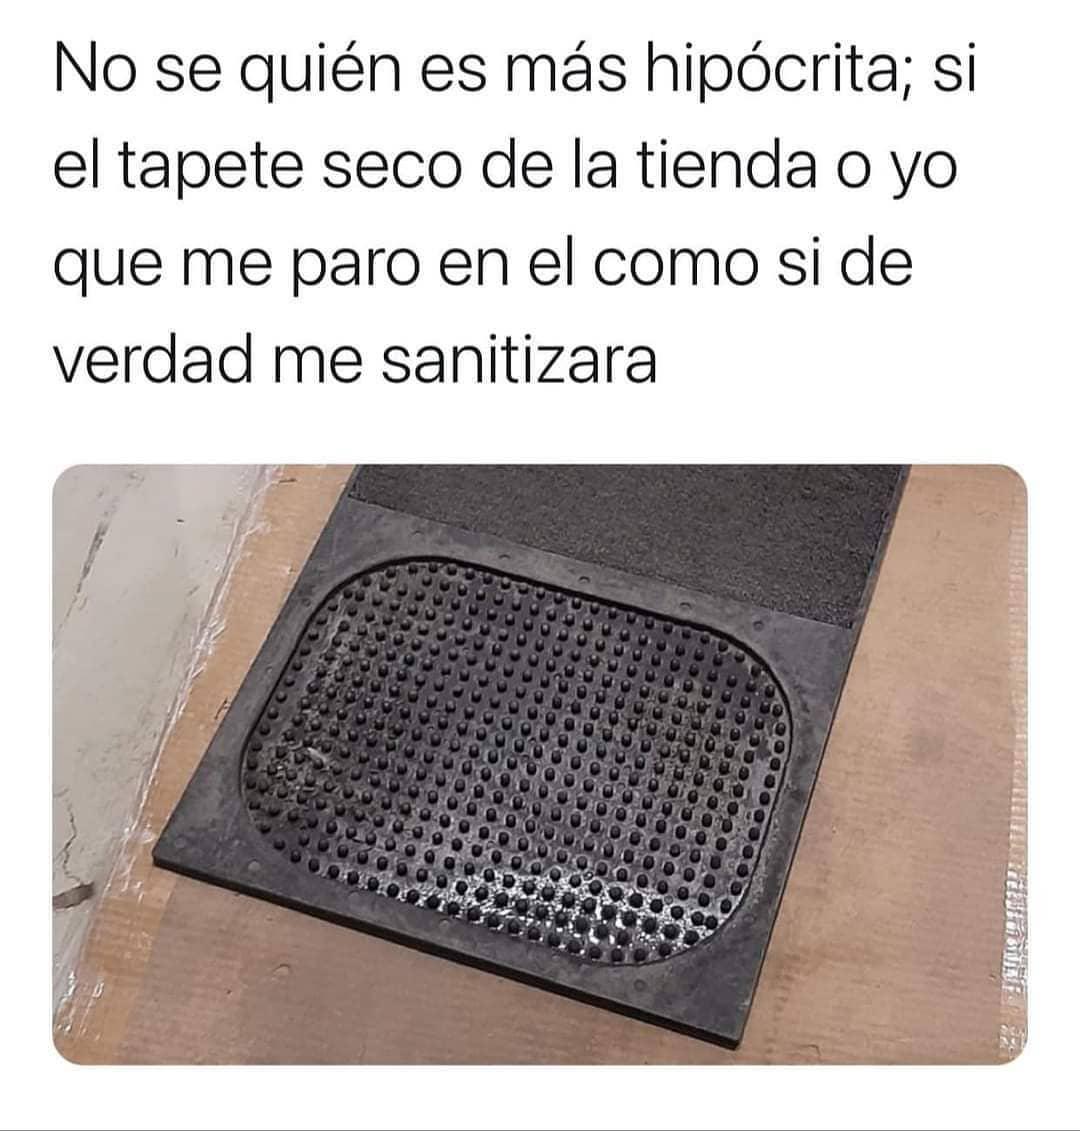 No sé quién es más hipócrita; si el tapete seco de la tienda o yo que me paro en él como si de verdad me sanitizara.